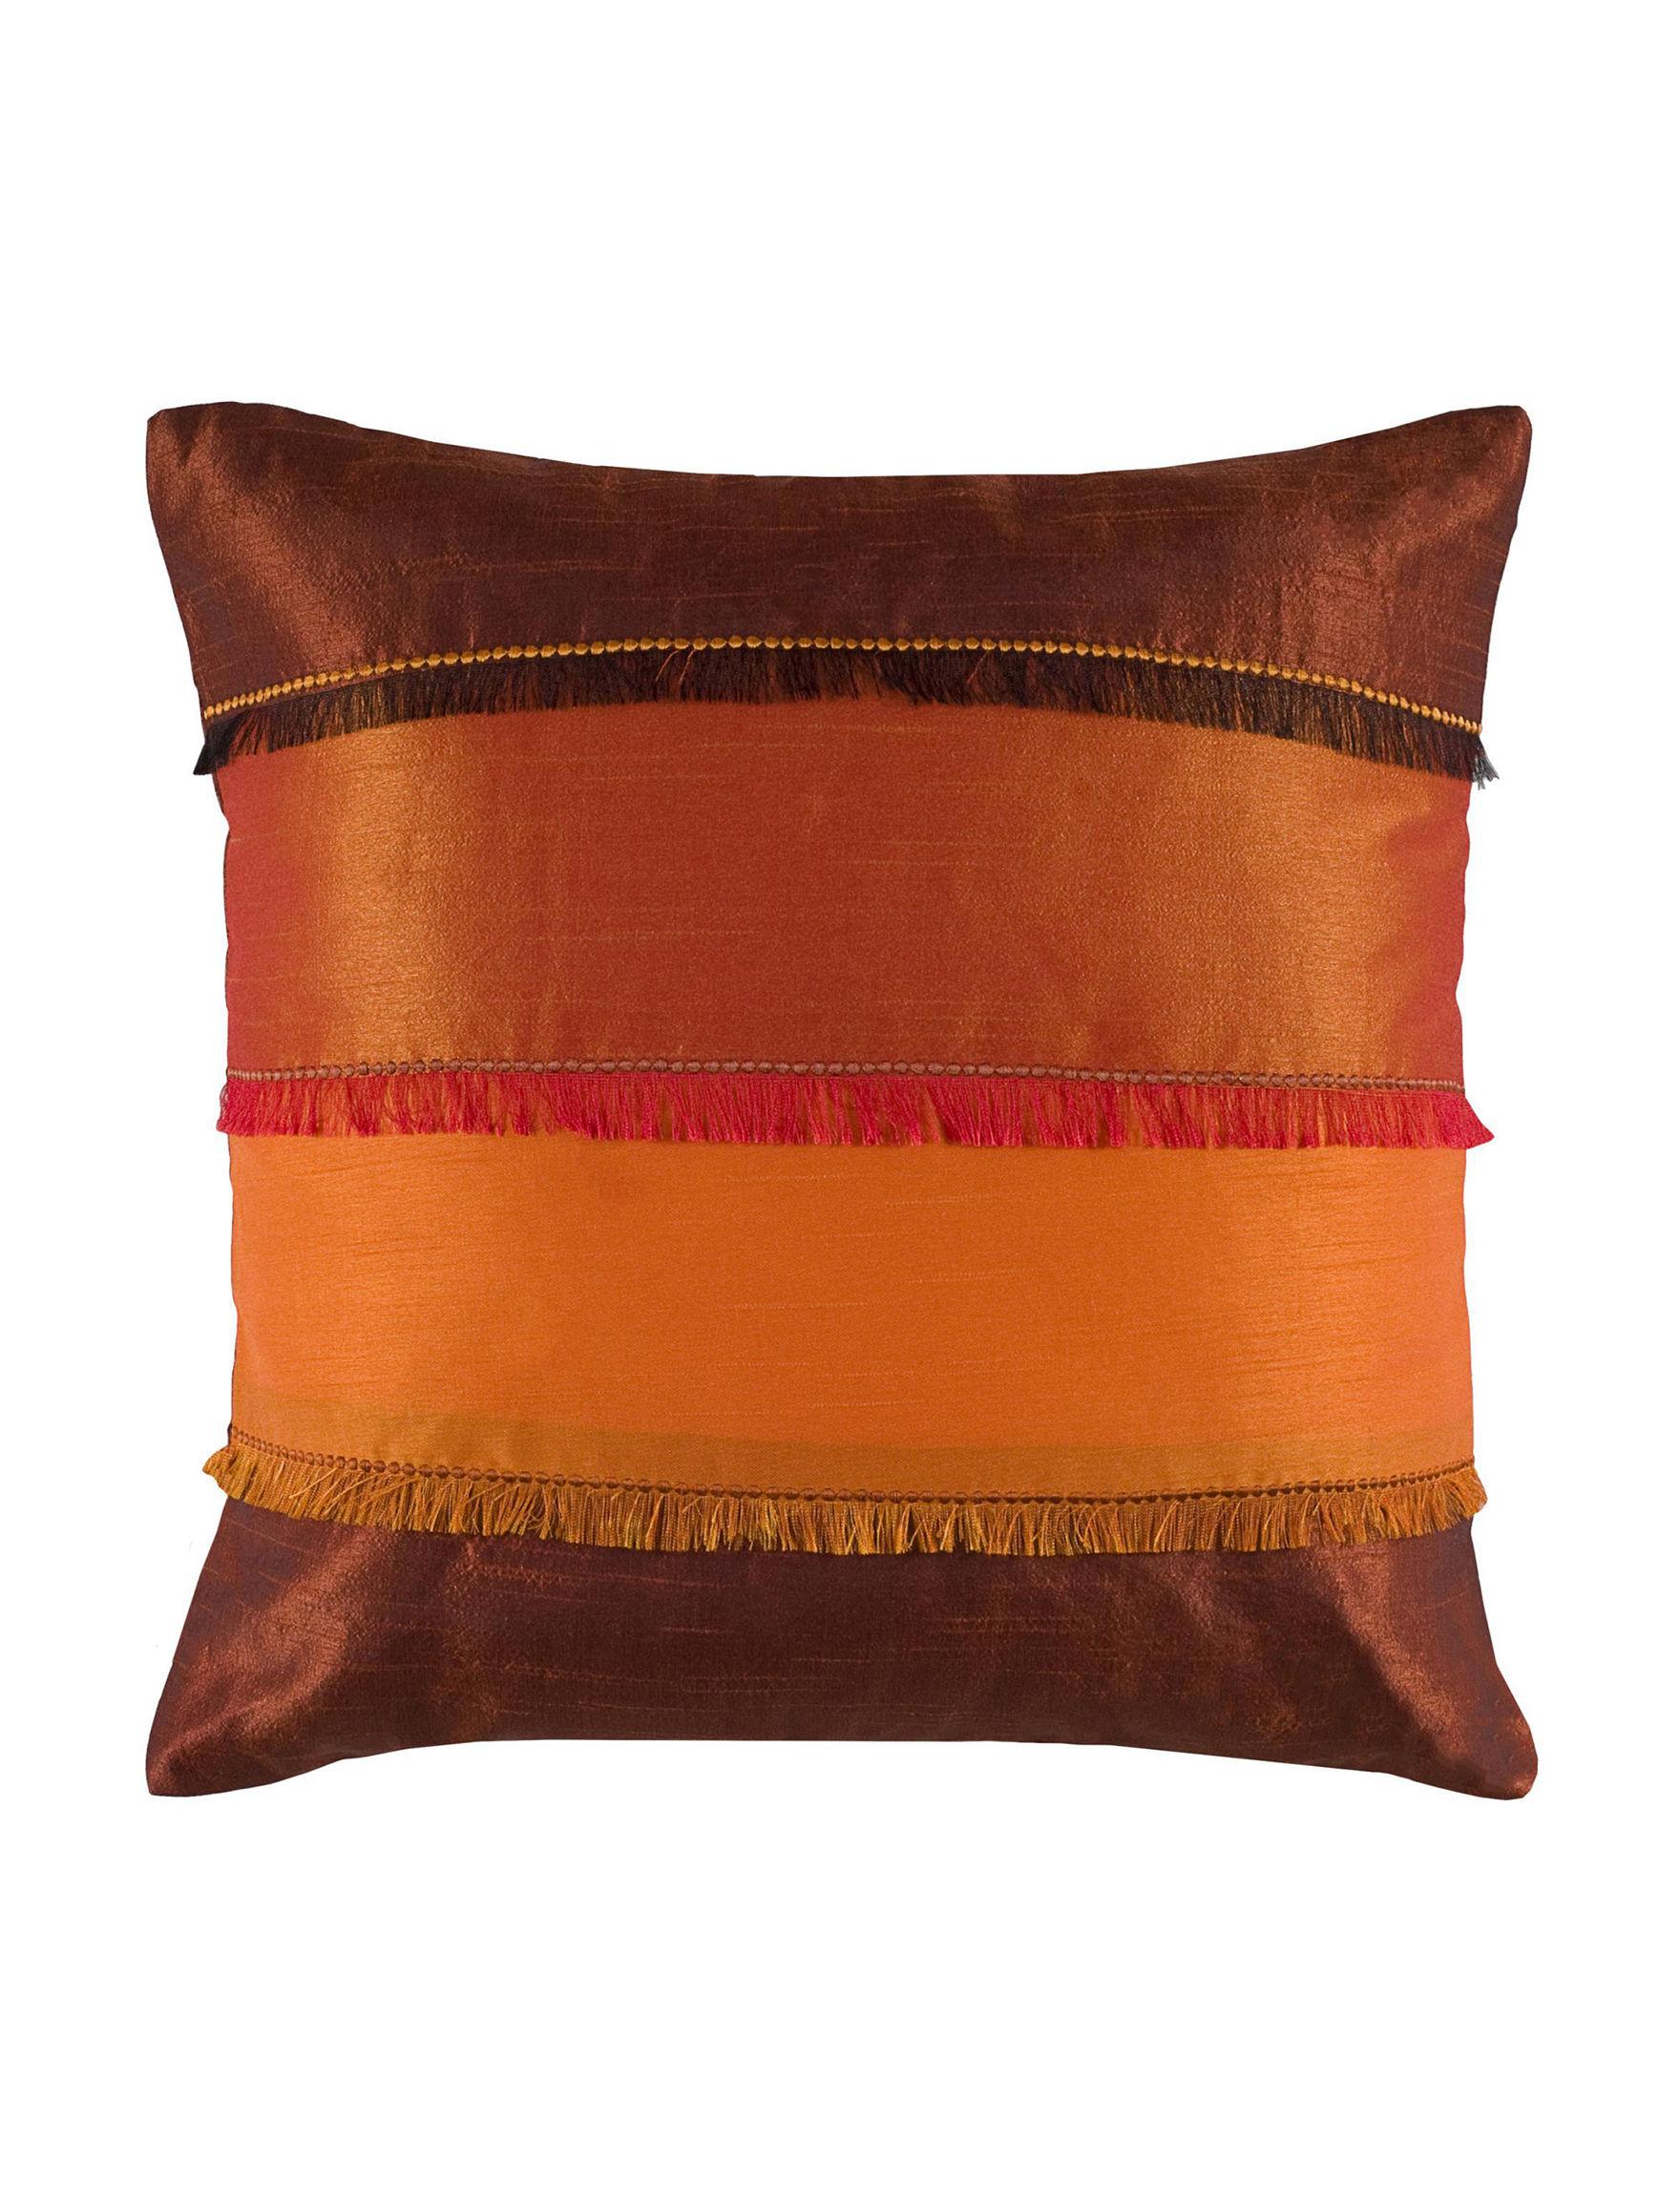 Rizzy Home Multi Stripe Decorative Pillows